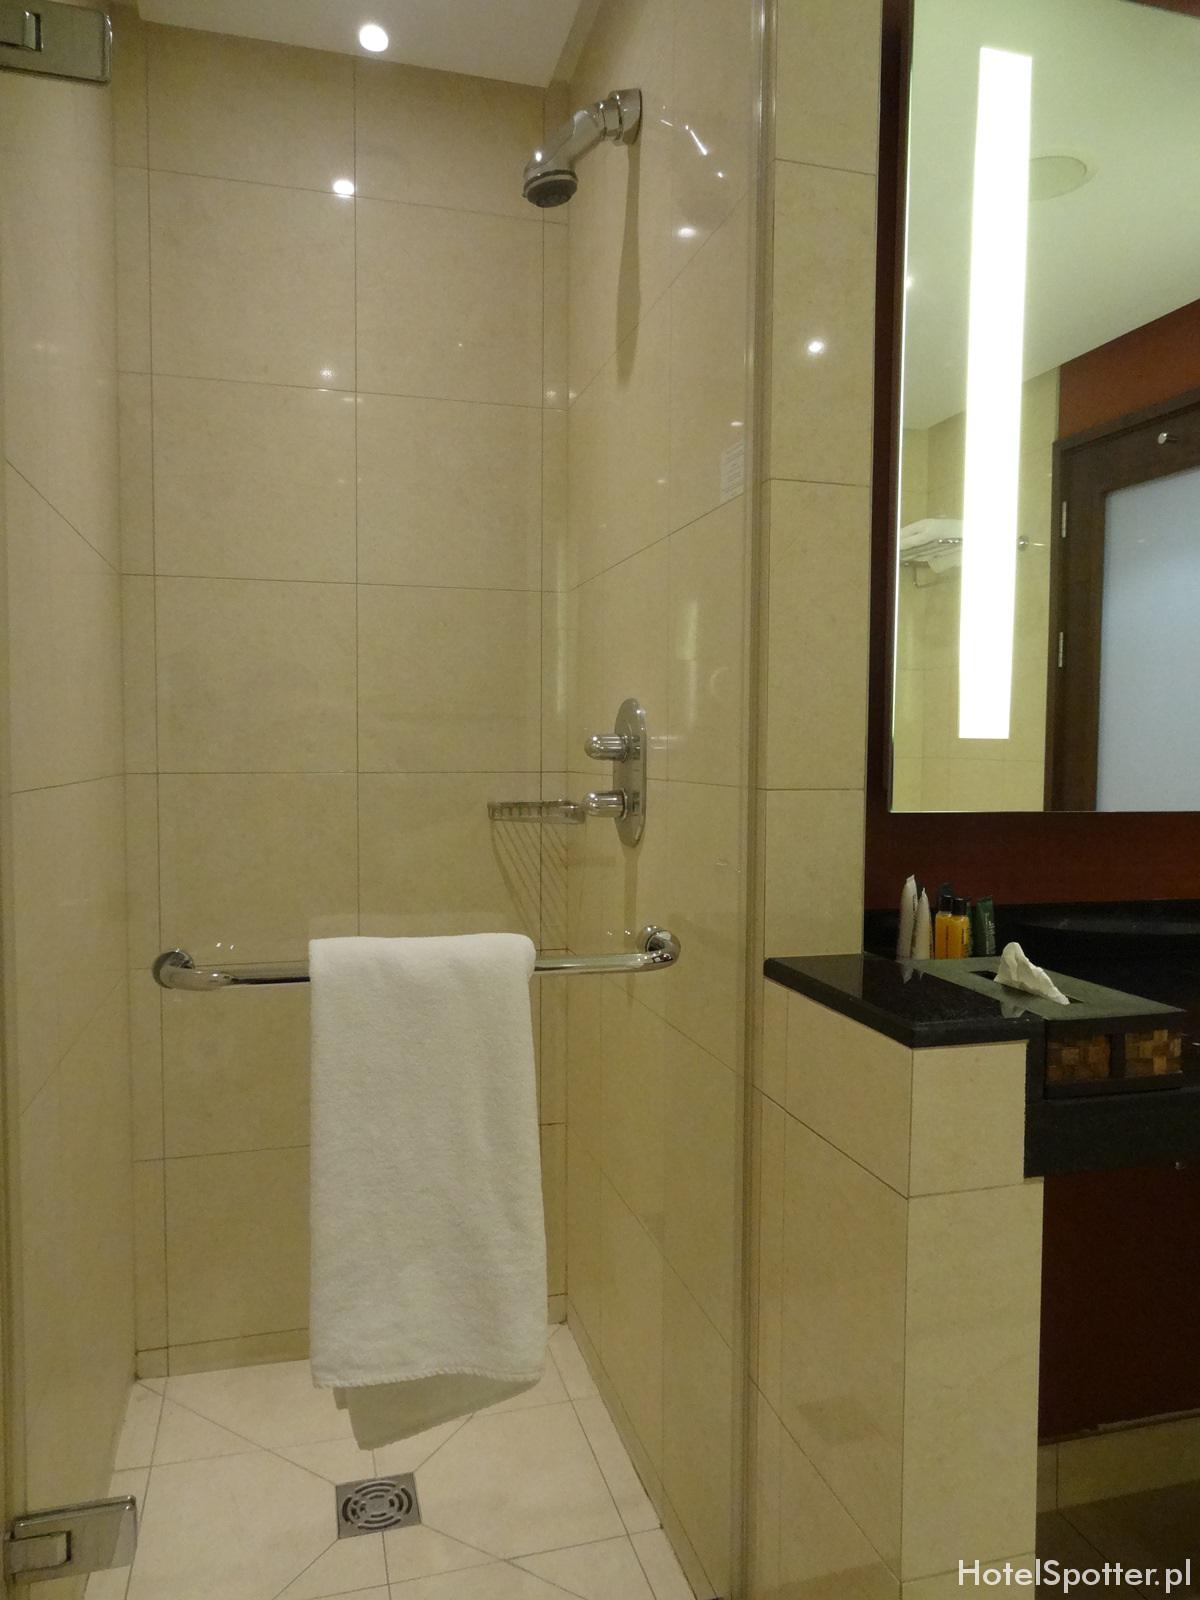 Hilton Warsaw Hotel - prysznic w lazience